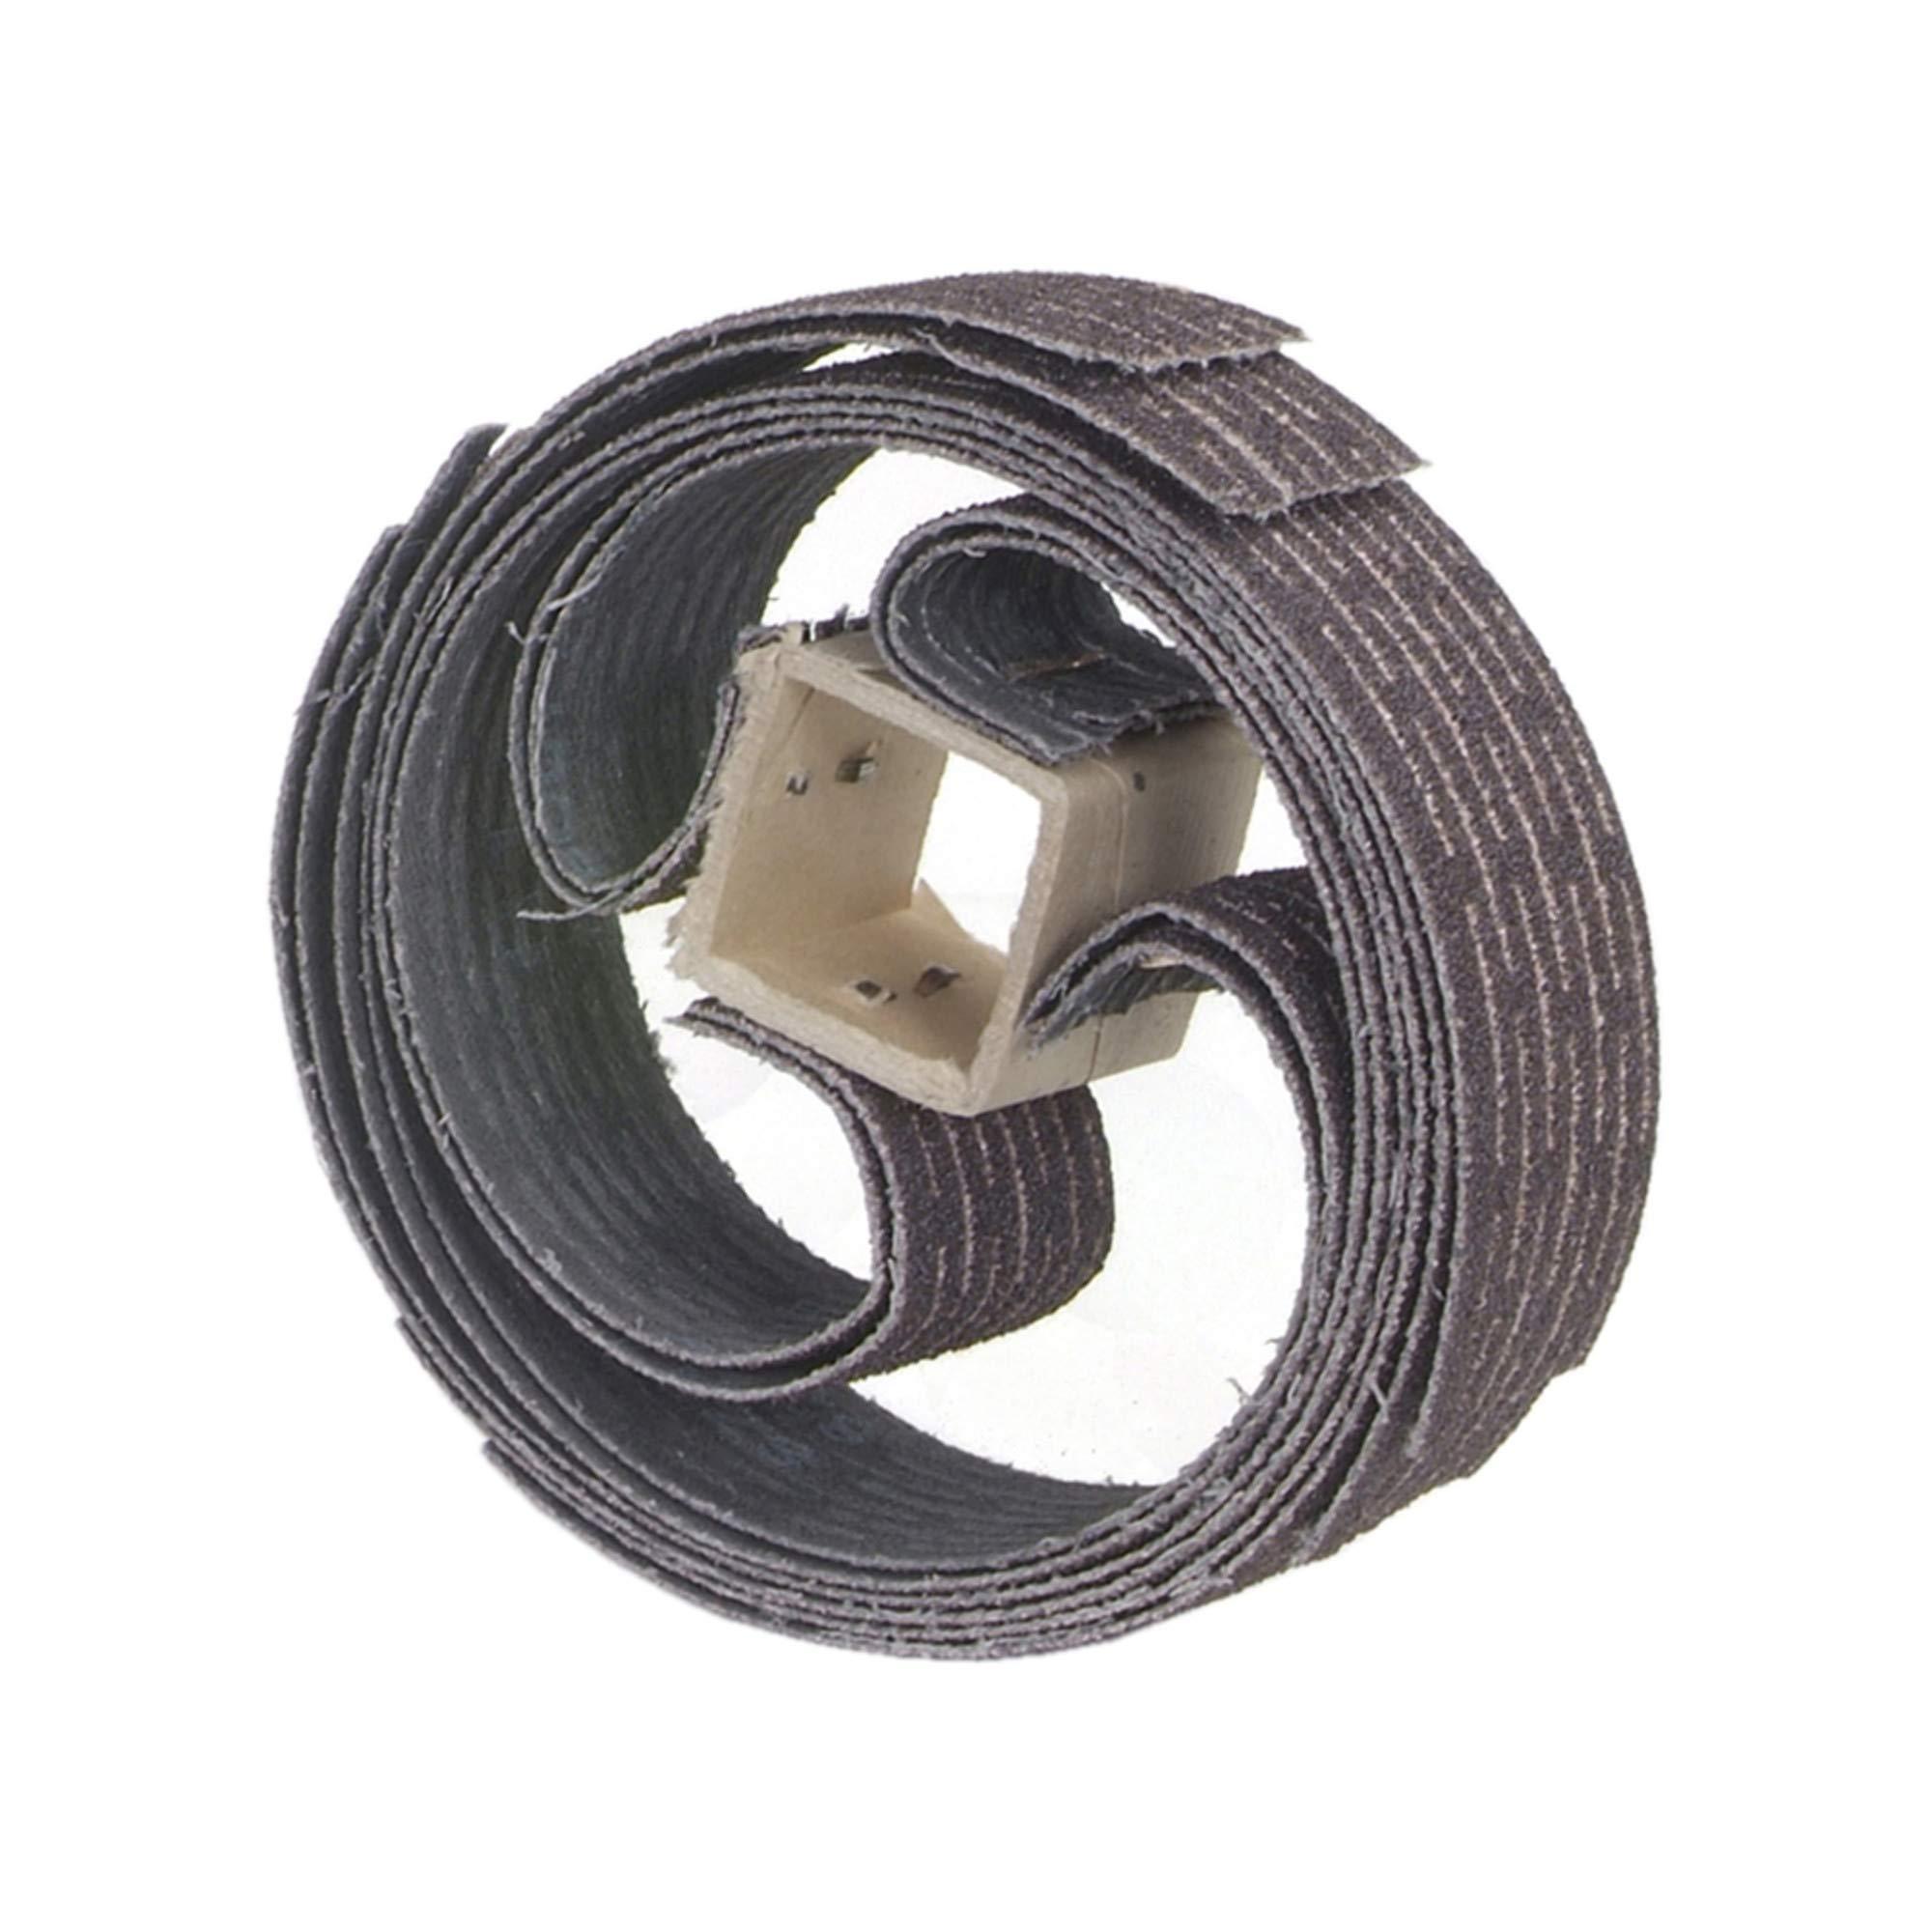 Merit Resin Bond Refill for 350-RP SCORED Wheel, Aluminum Oxide, Grit 60 (Pack of 10)